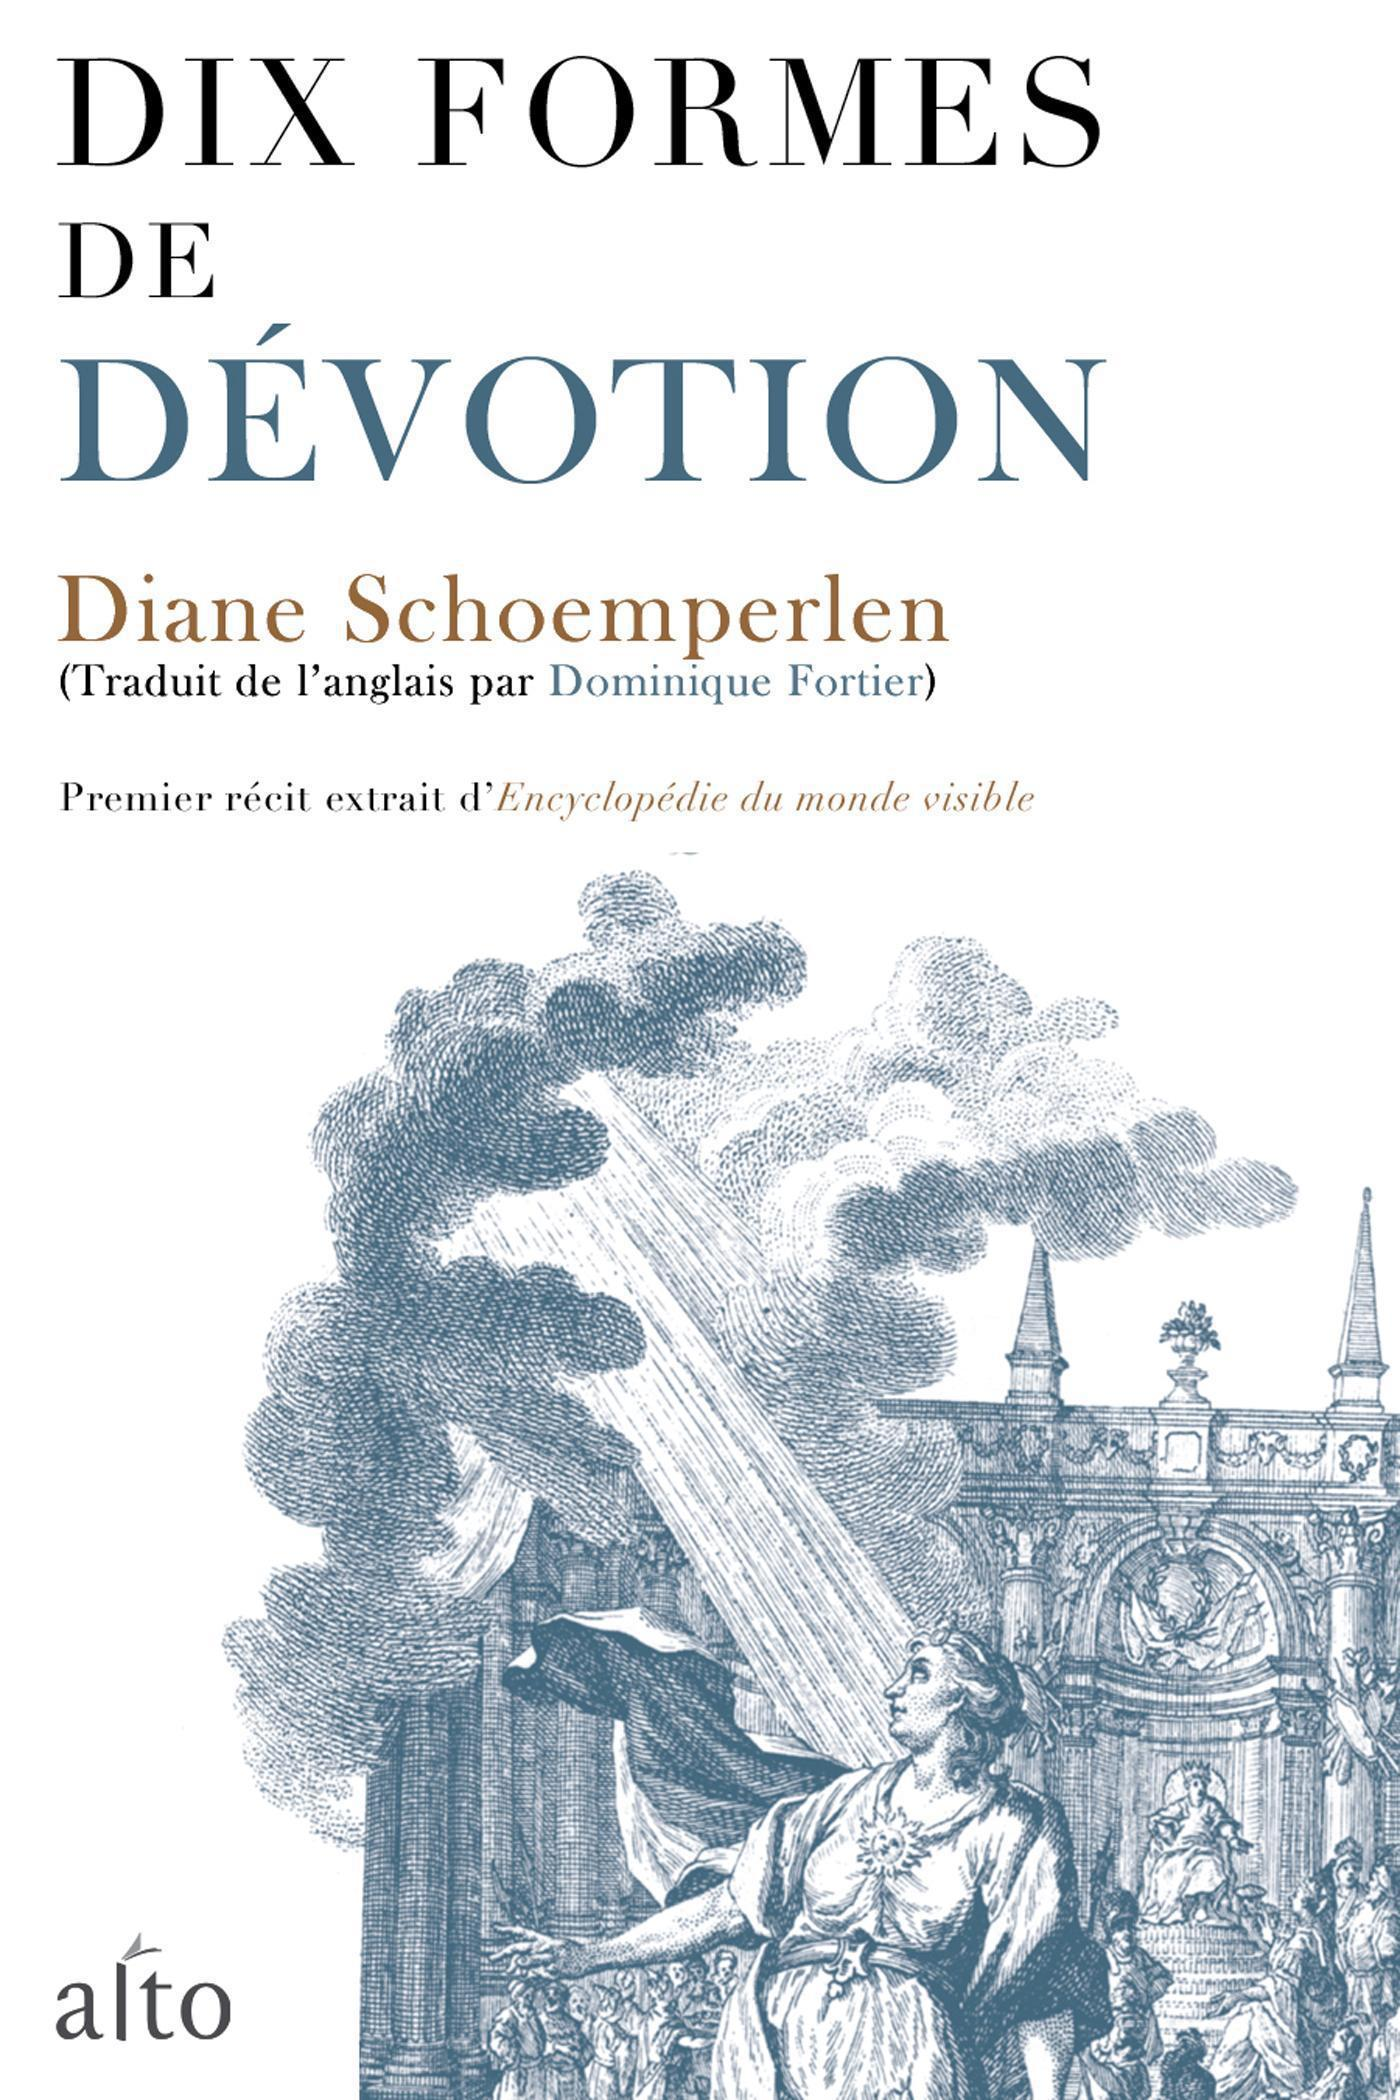 DIX FORMES DE DEVOTION